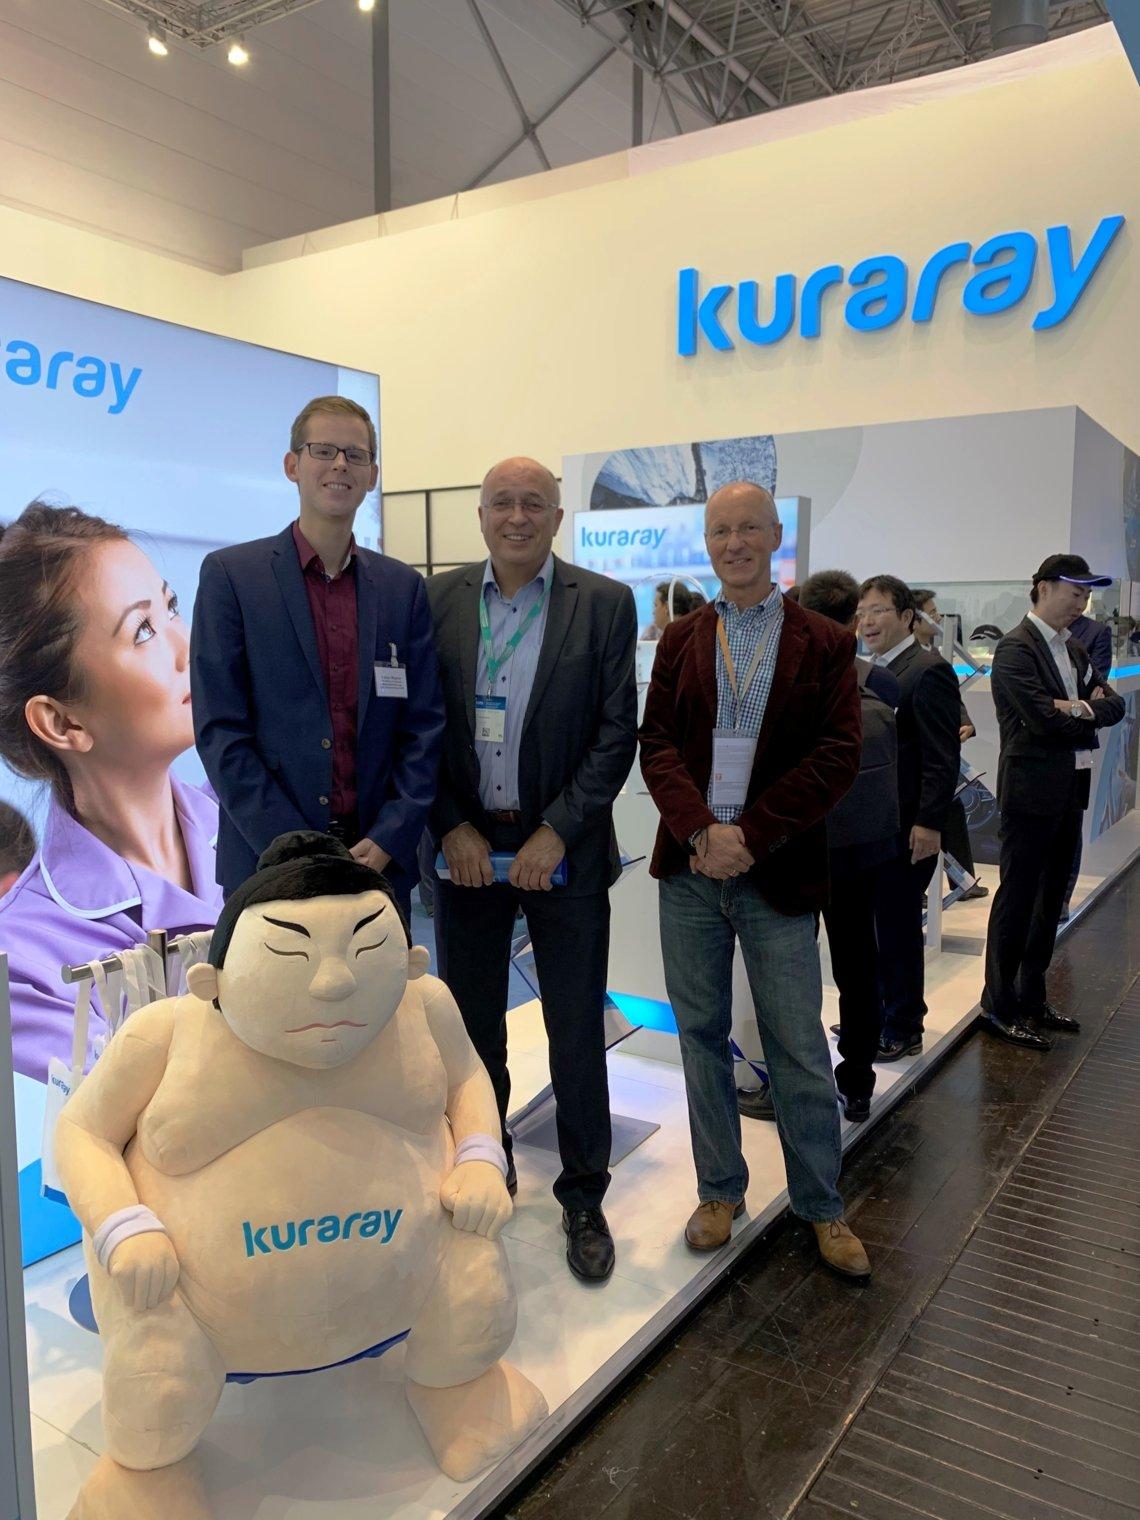 v.l.n.r.: Fabian Wagner (TROWISTA), Ralf Eschrich (Geschäftsführer der Firma Kuraray) und Rainer Hardtke (Kompetenzzentrum Kunststoff)